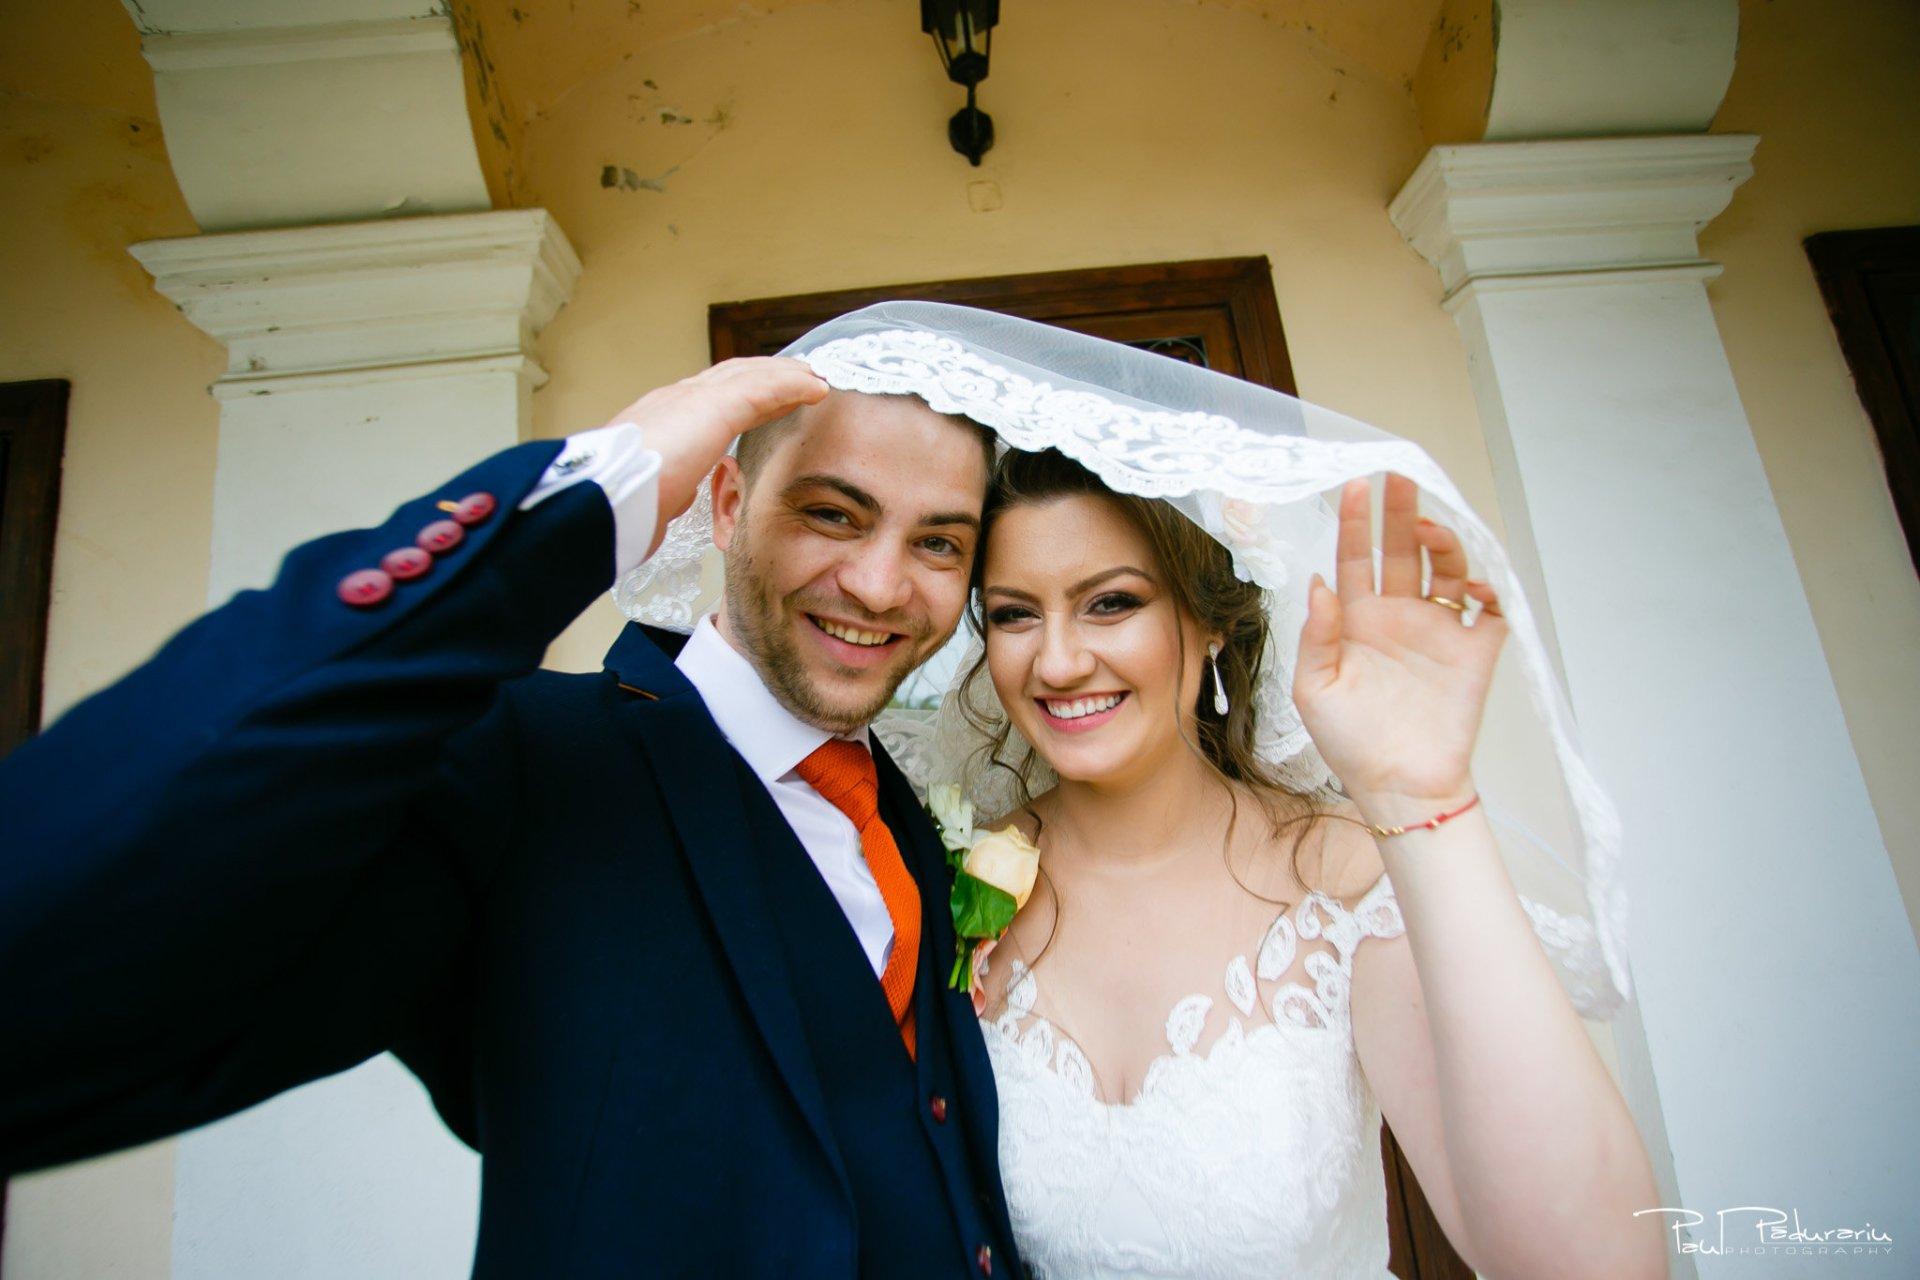 Emotie Ariadna si Iulian sedinta foto nunta Iasi www.paulpadurariu.ro © 2017 Paul Padurariu